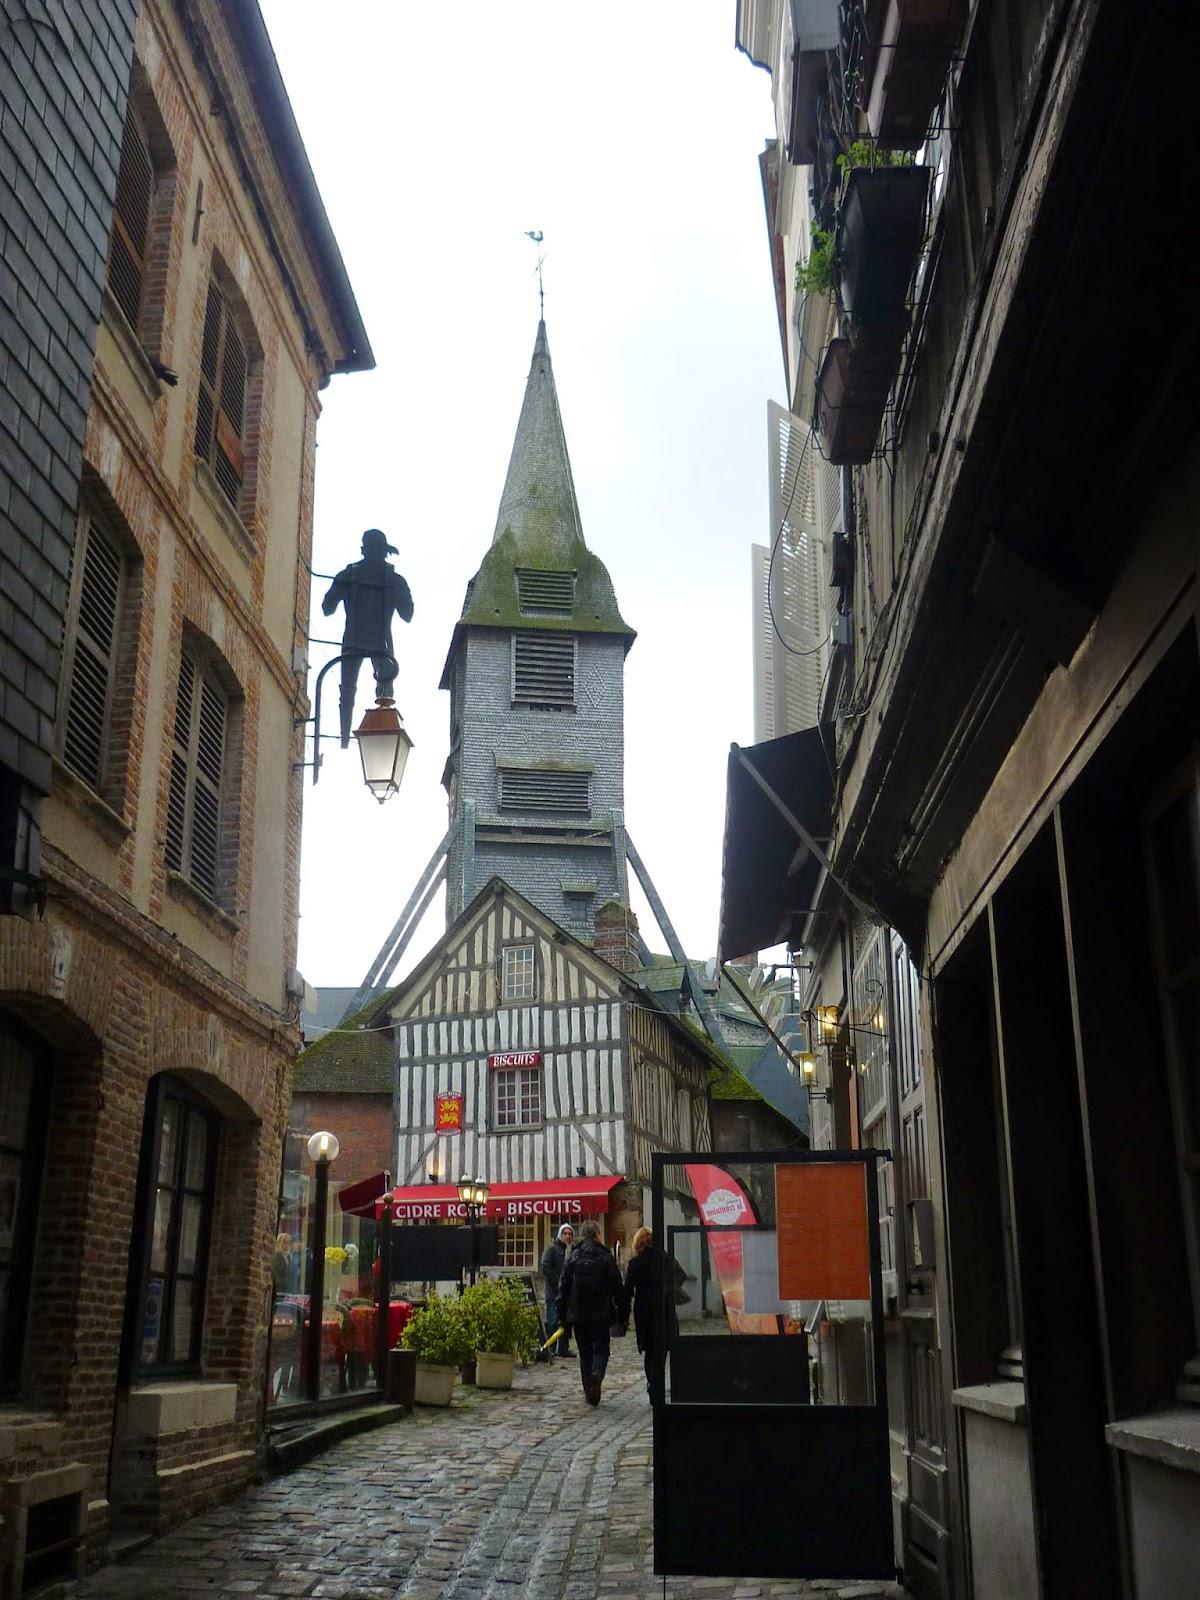 Rues de Honfleur - Le vieux Clocher